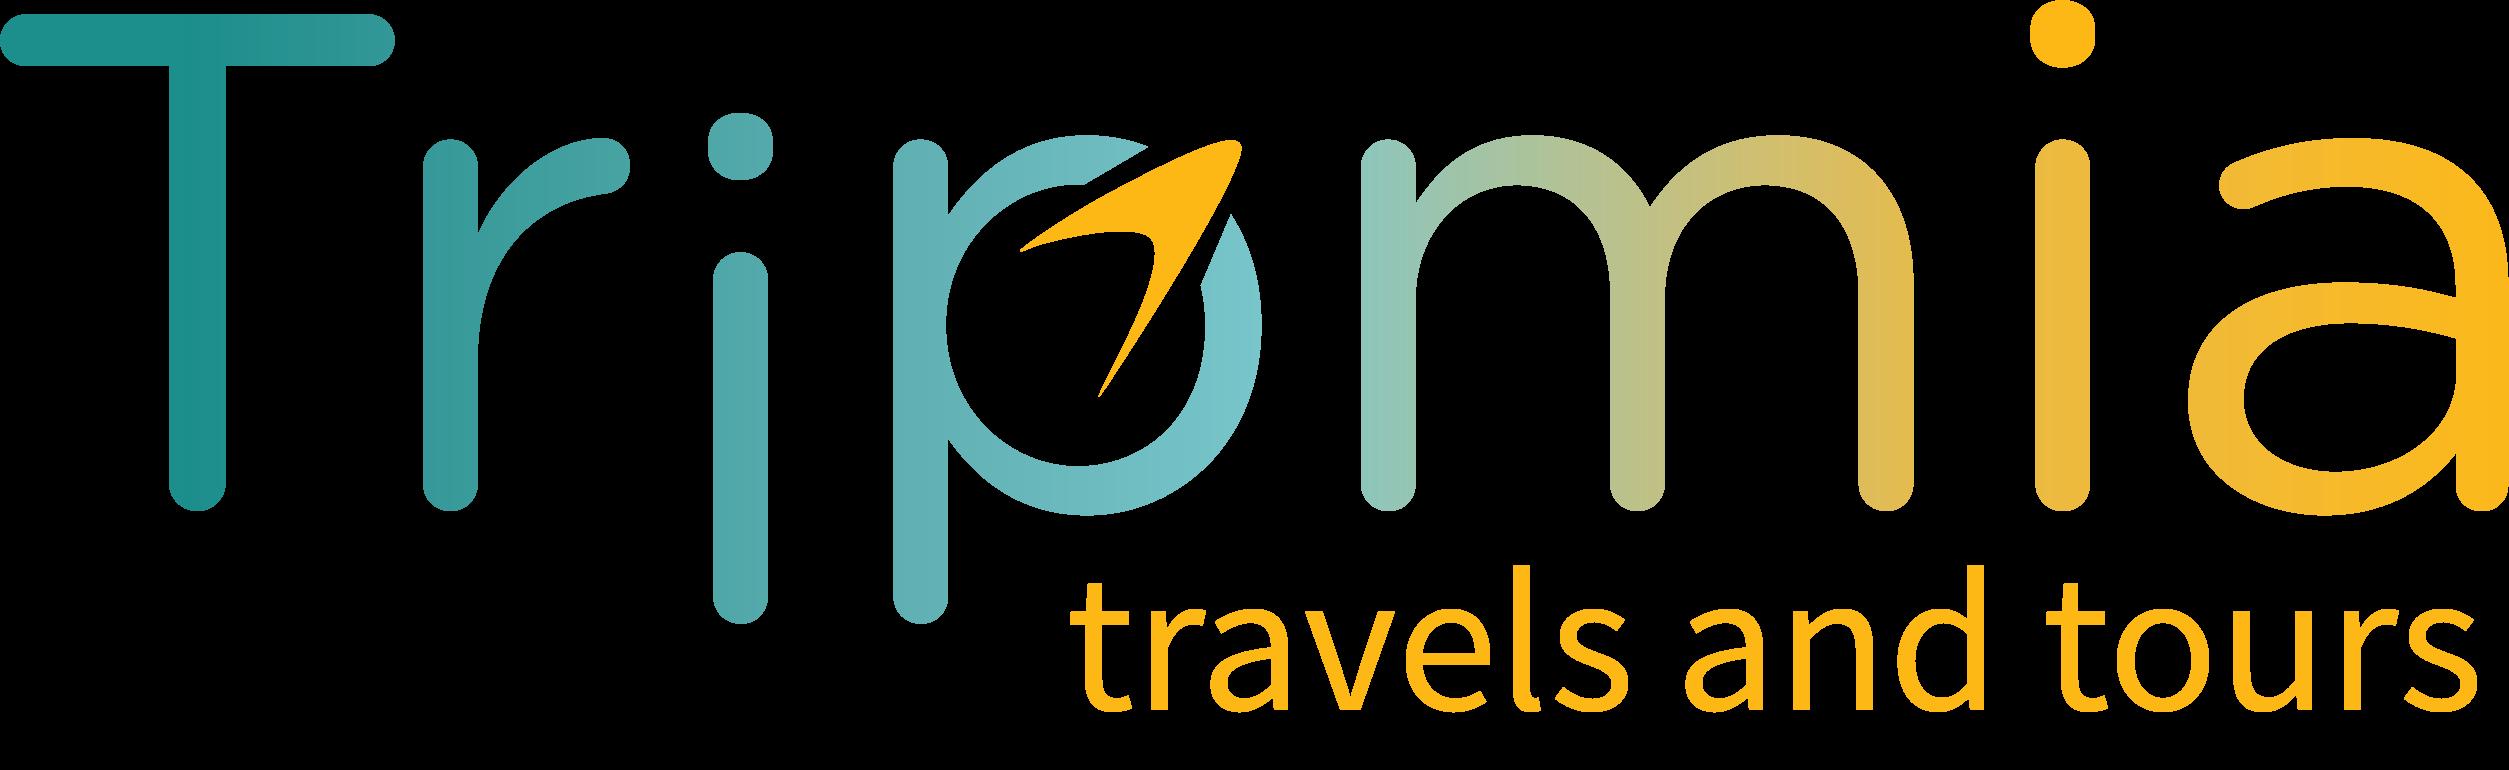 Australia: Online Travel and Tour Agents – TripMIA